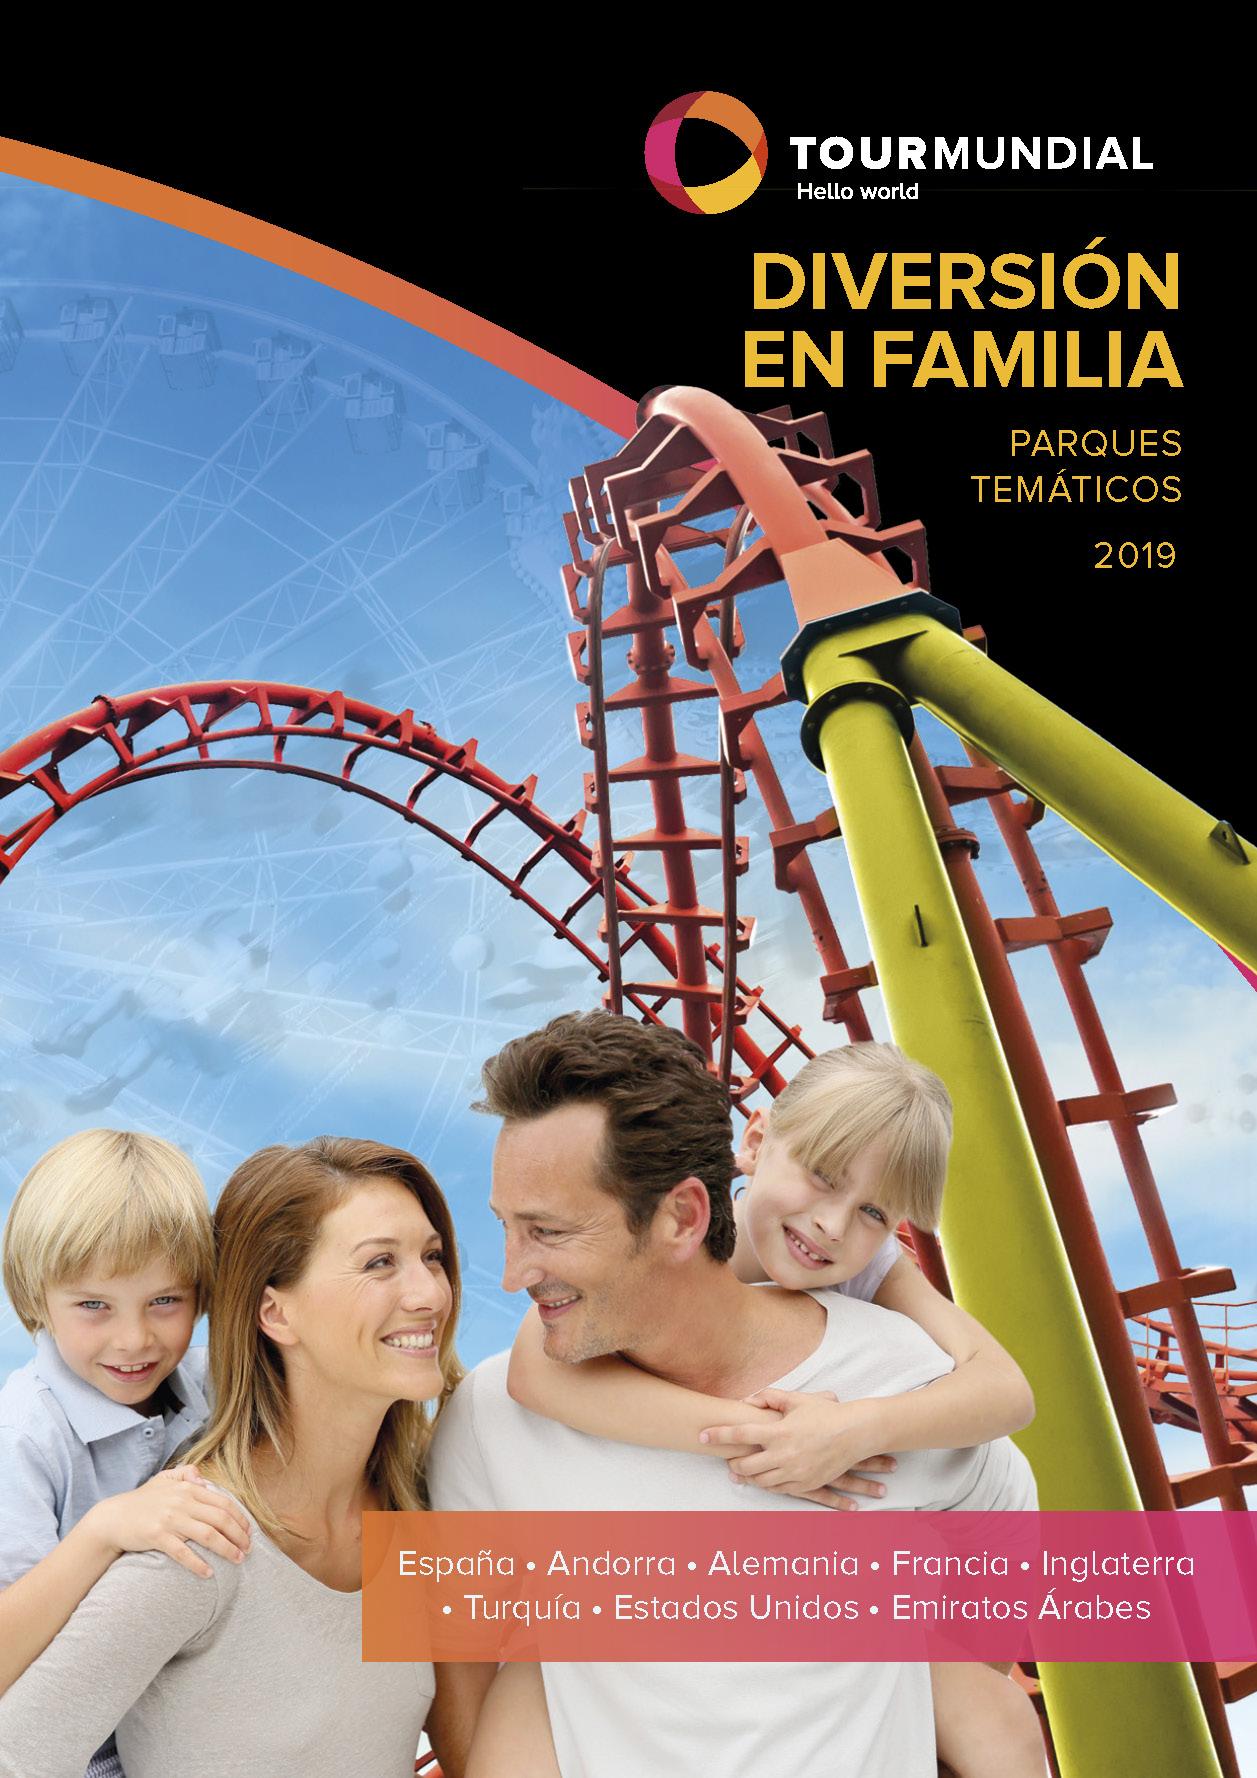 Catalogo Tourmundial Diversión en Familia 2019